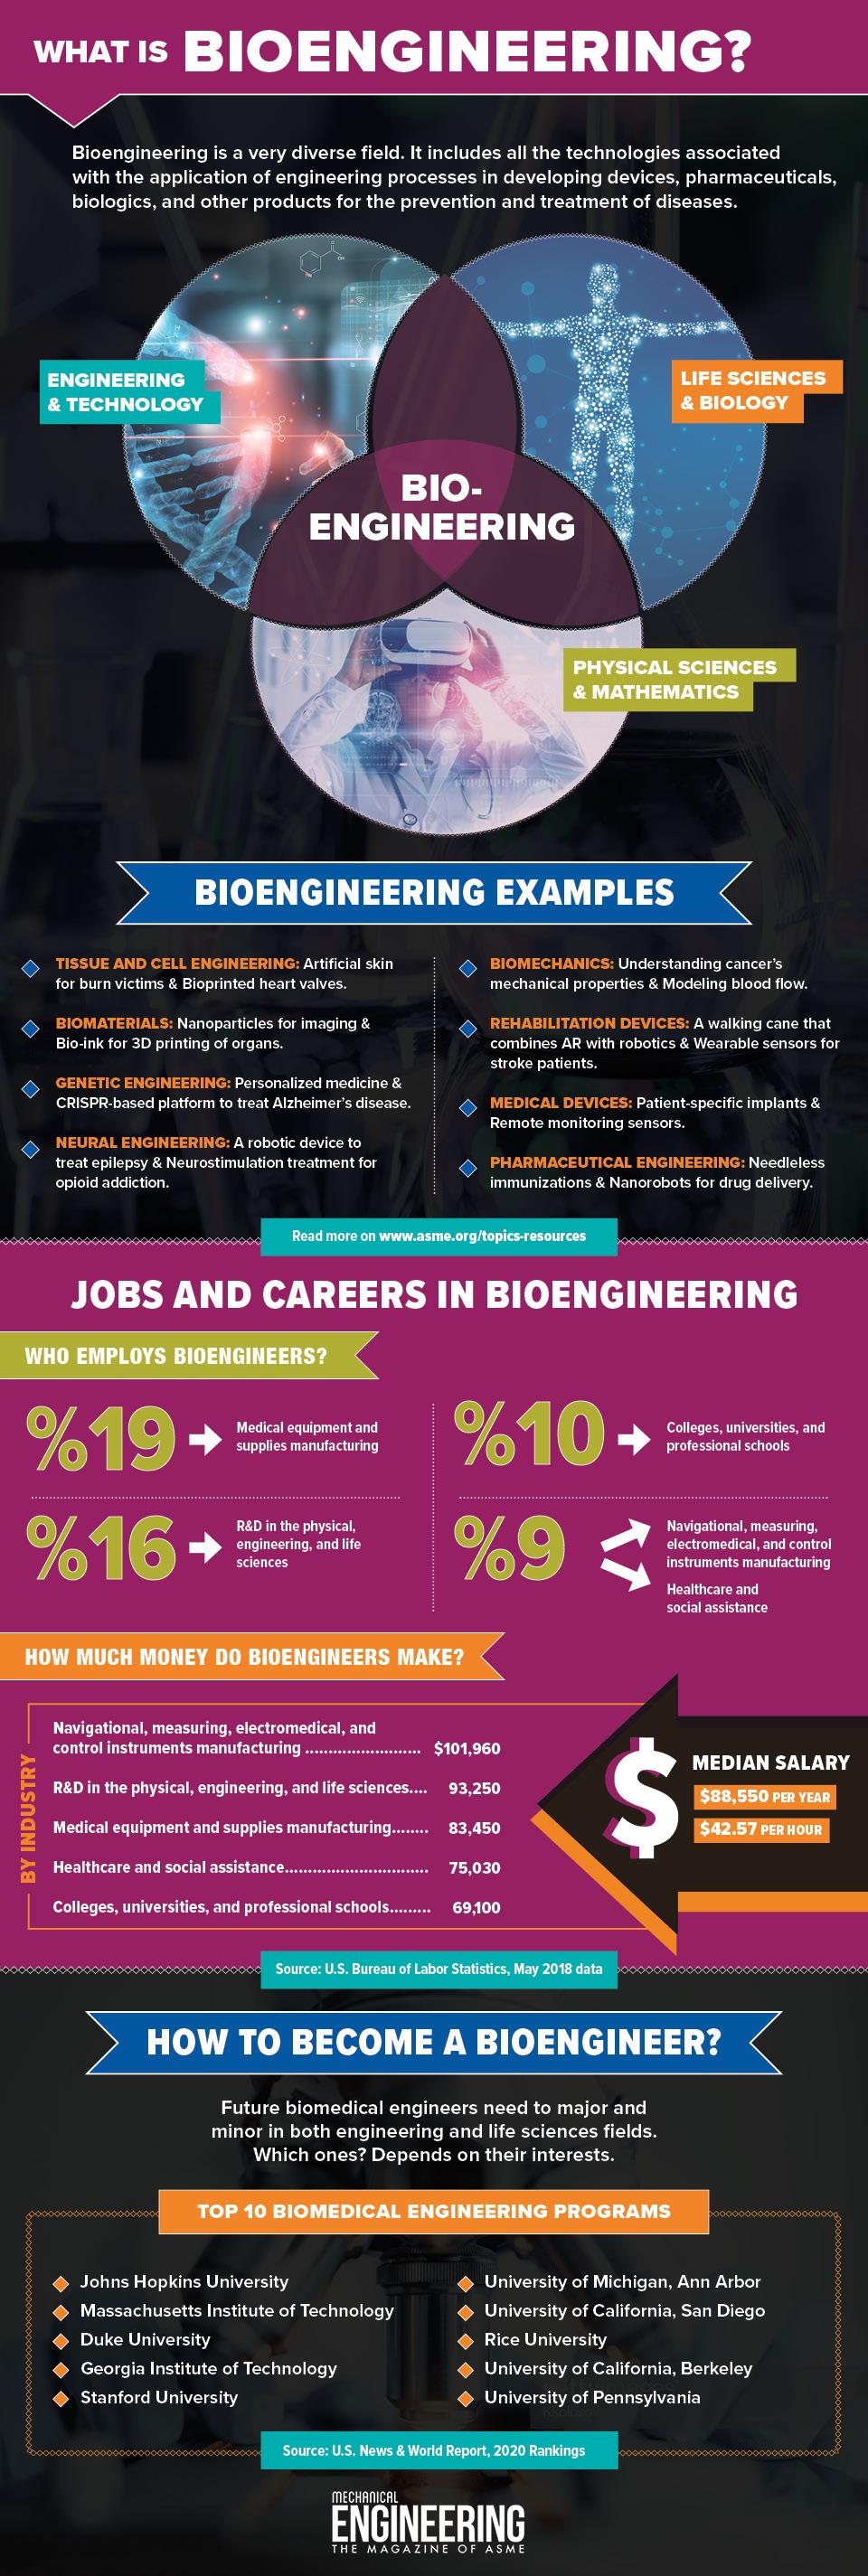 What Is Bioengineering?